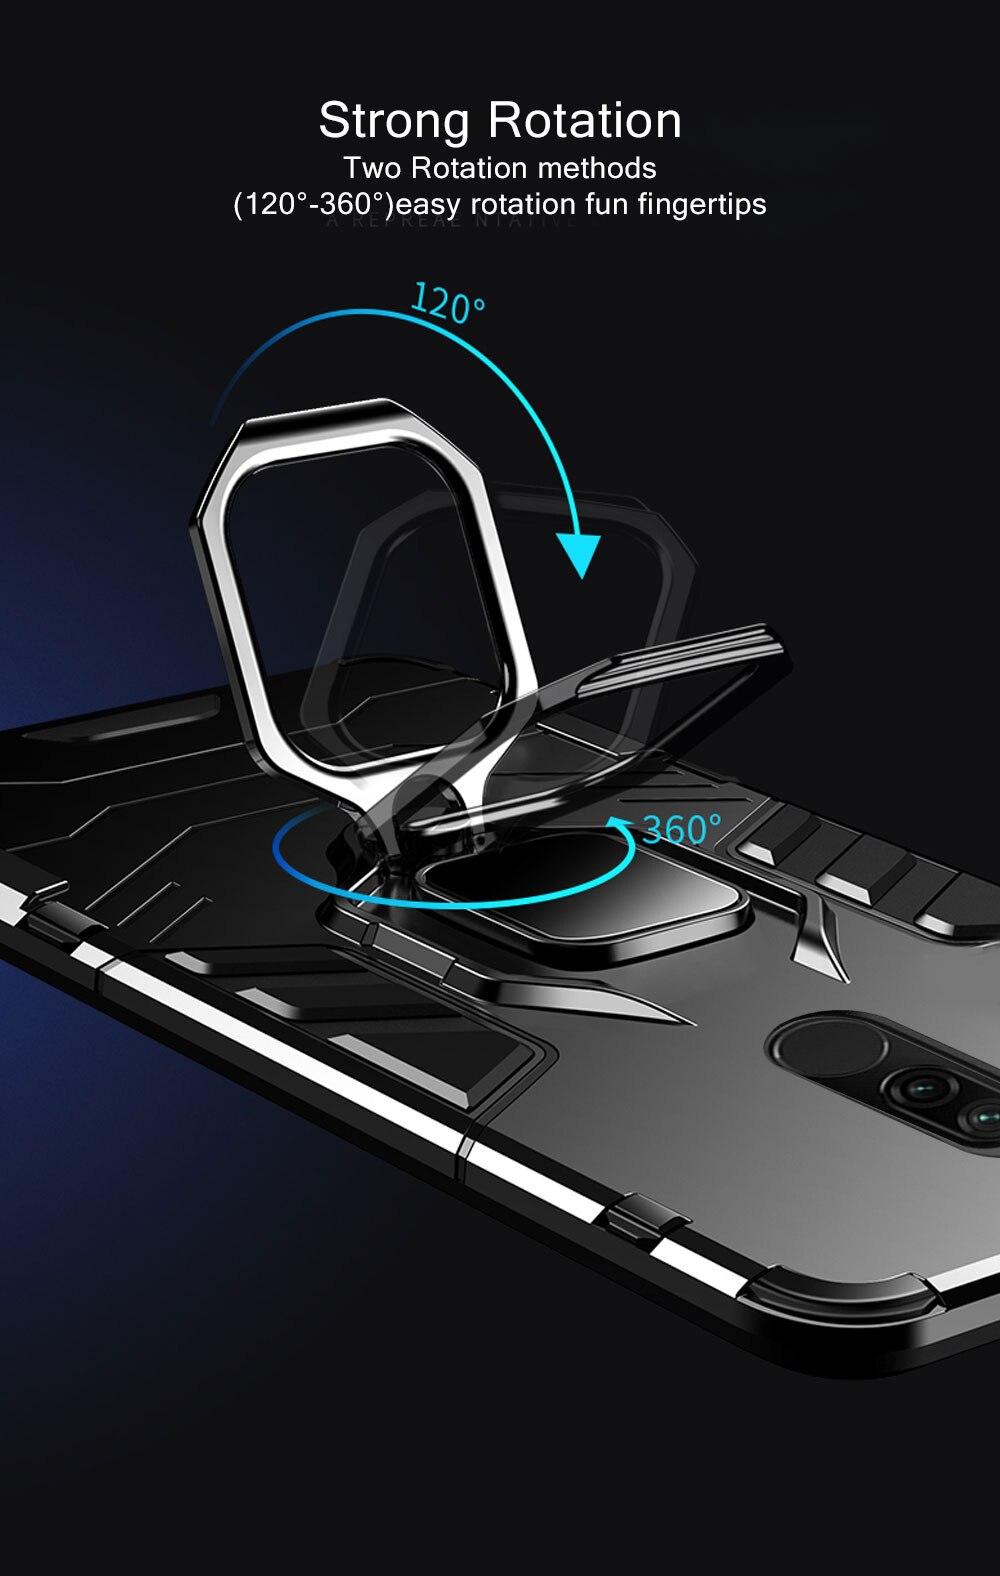 H886d833be9b54554b5587438323af4c7w Armor Case for Redmi 8 8A Case Magnetic Car Phone Holder TPU+PC Bumper Cover on for Xiaomi Redmi 8 8A 8 A Global Version Case